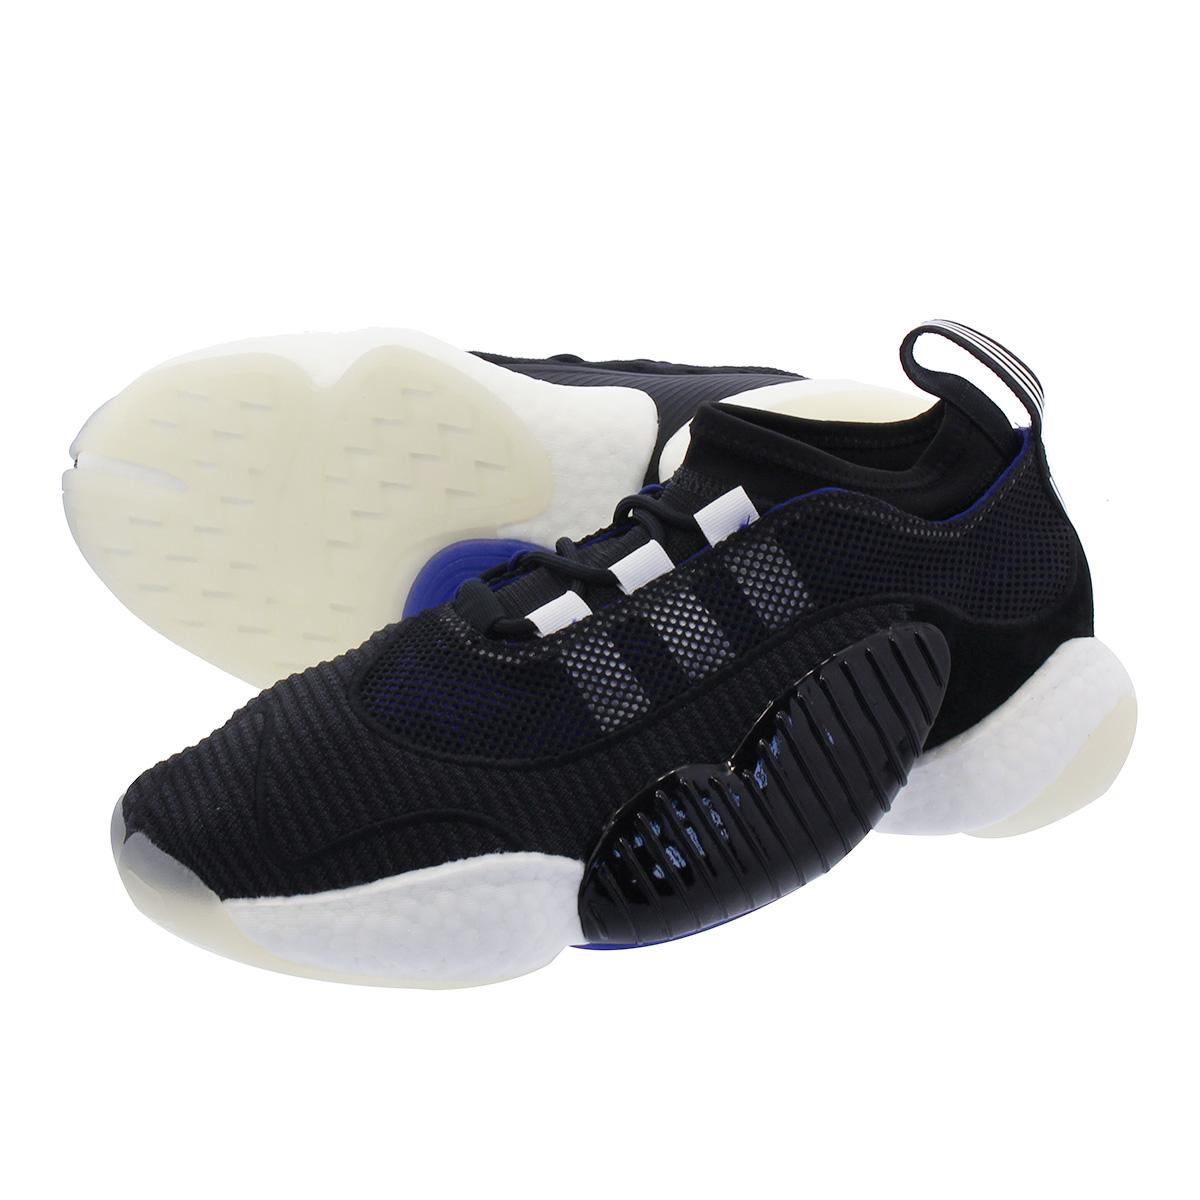 adidas CRAZY BYW LVL II アディダス クレイジー BYW LVL II BLACK/PURPLE/WHITE b37552